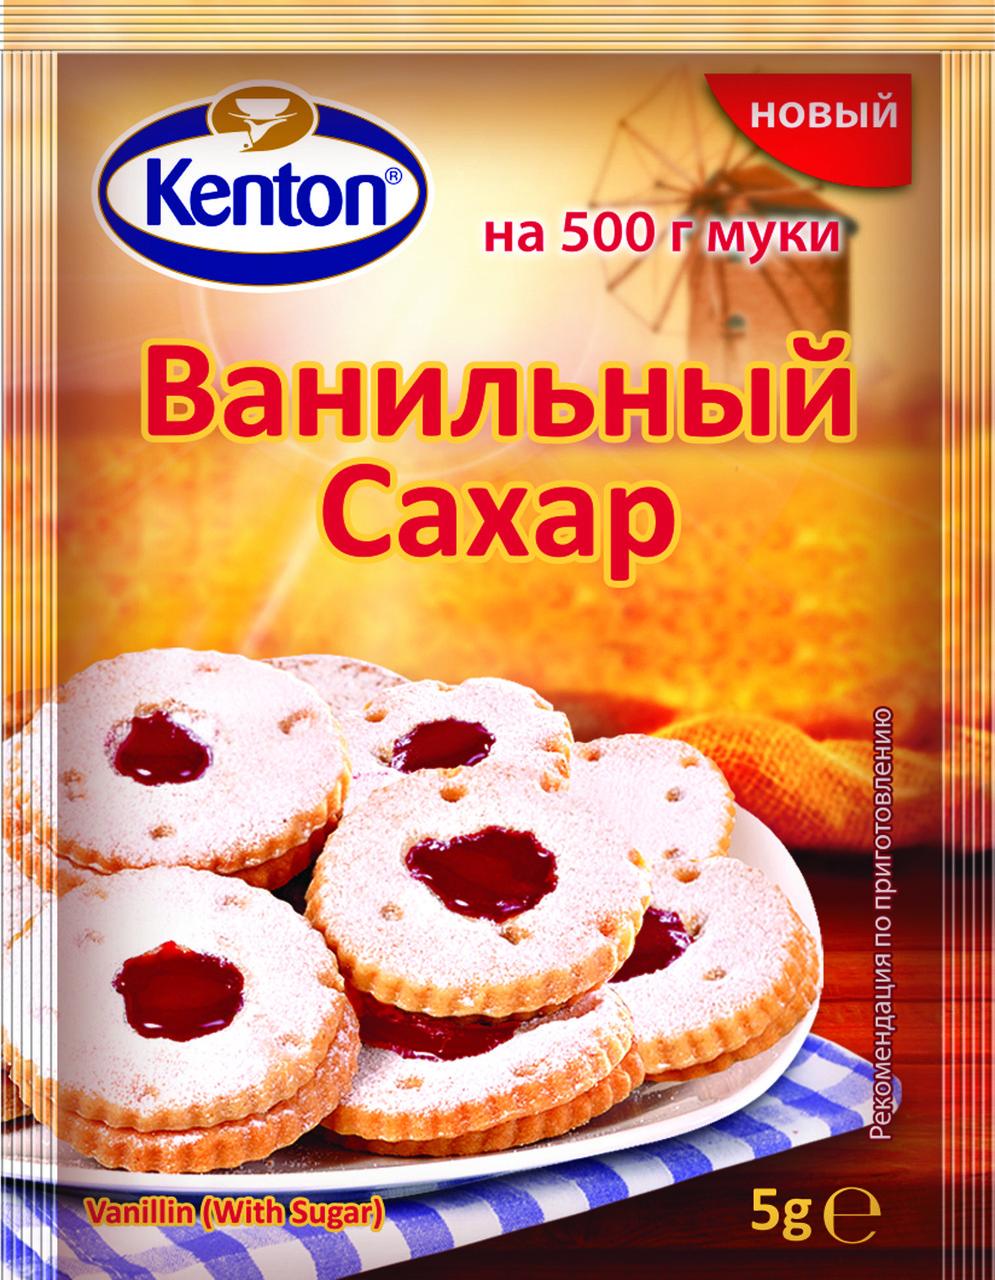 Ванильный Сахар 5 грамм Kenton